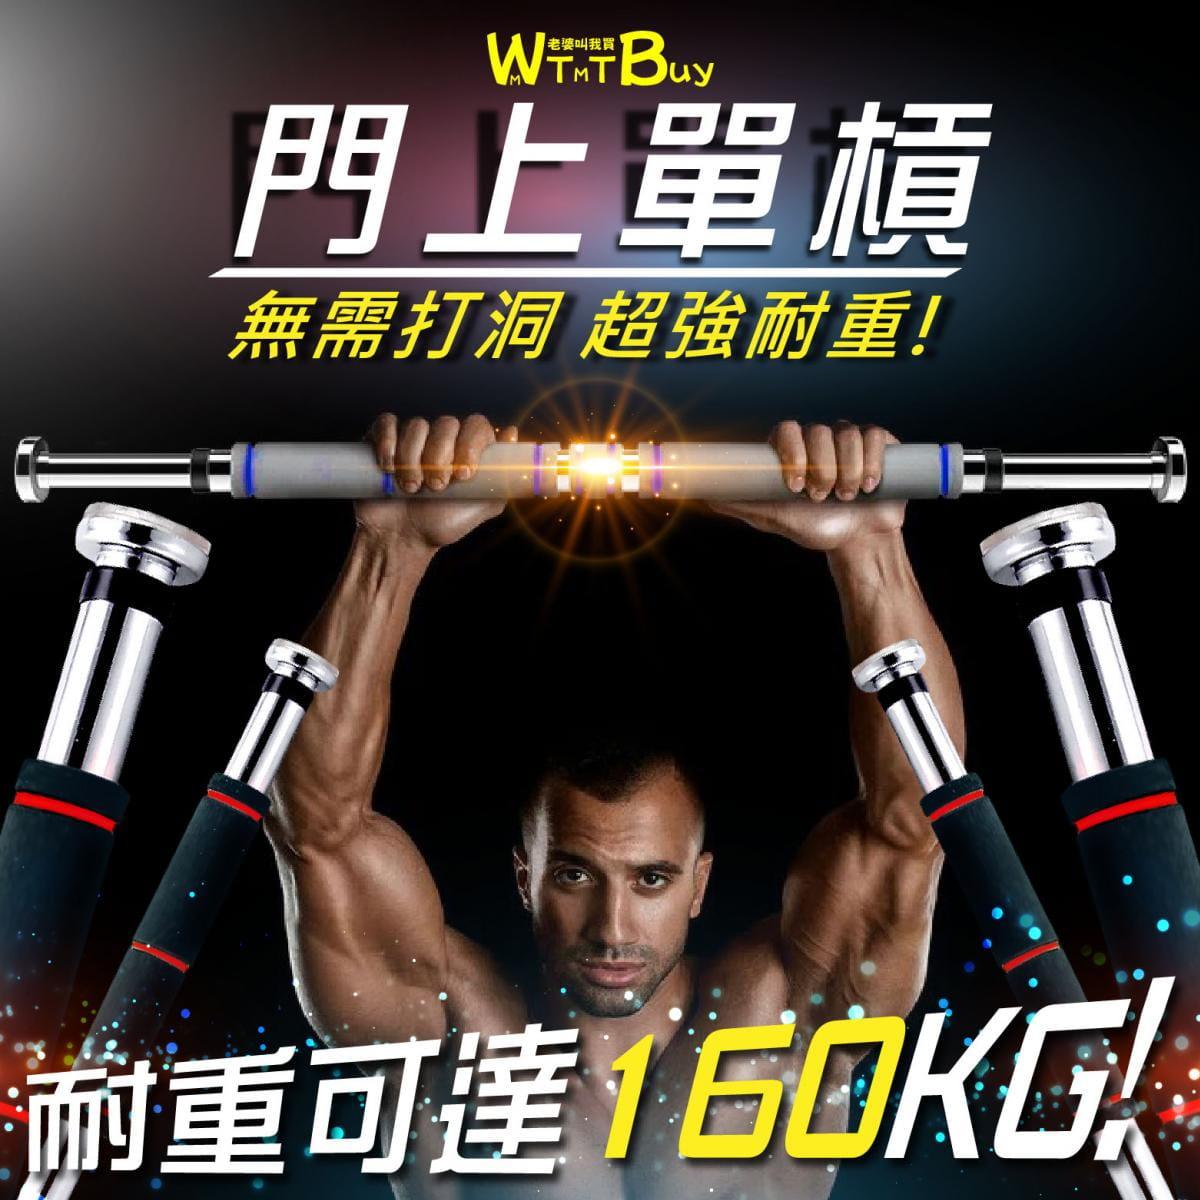 【圓頭經典款】室內單槓 門上單槓 門框引體向上 健身單槓 練胸肌 腹肌 重訓 減肥燃脂 居家健身